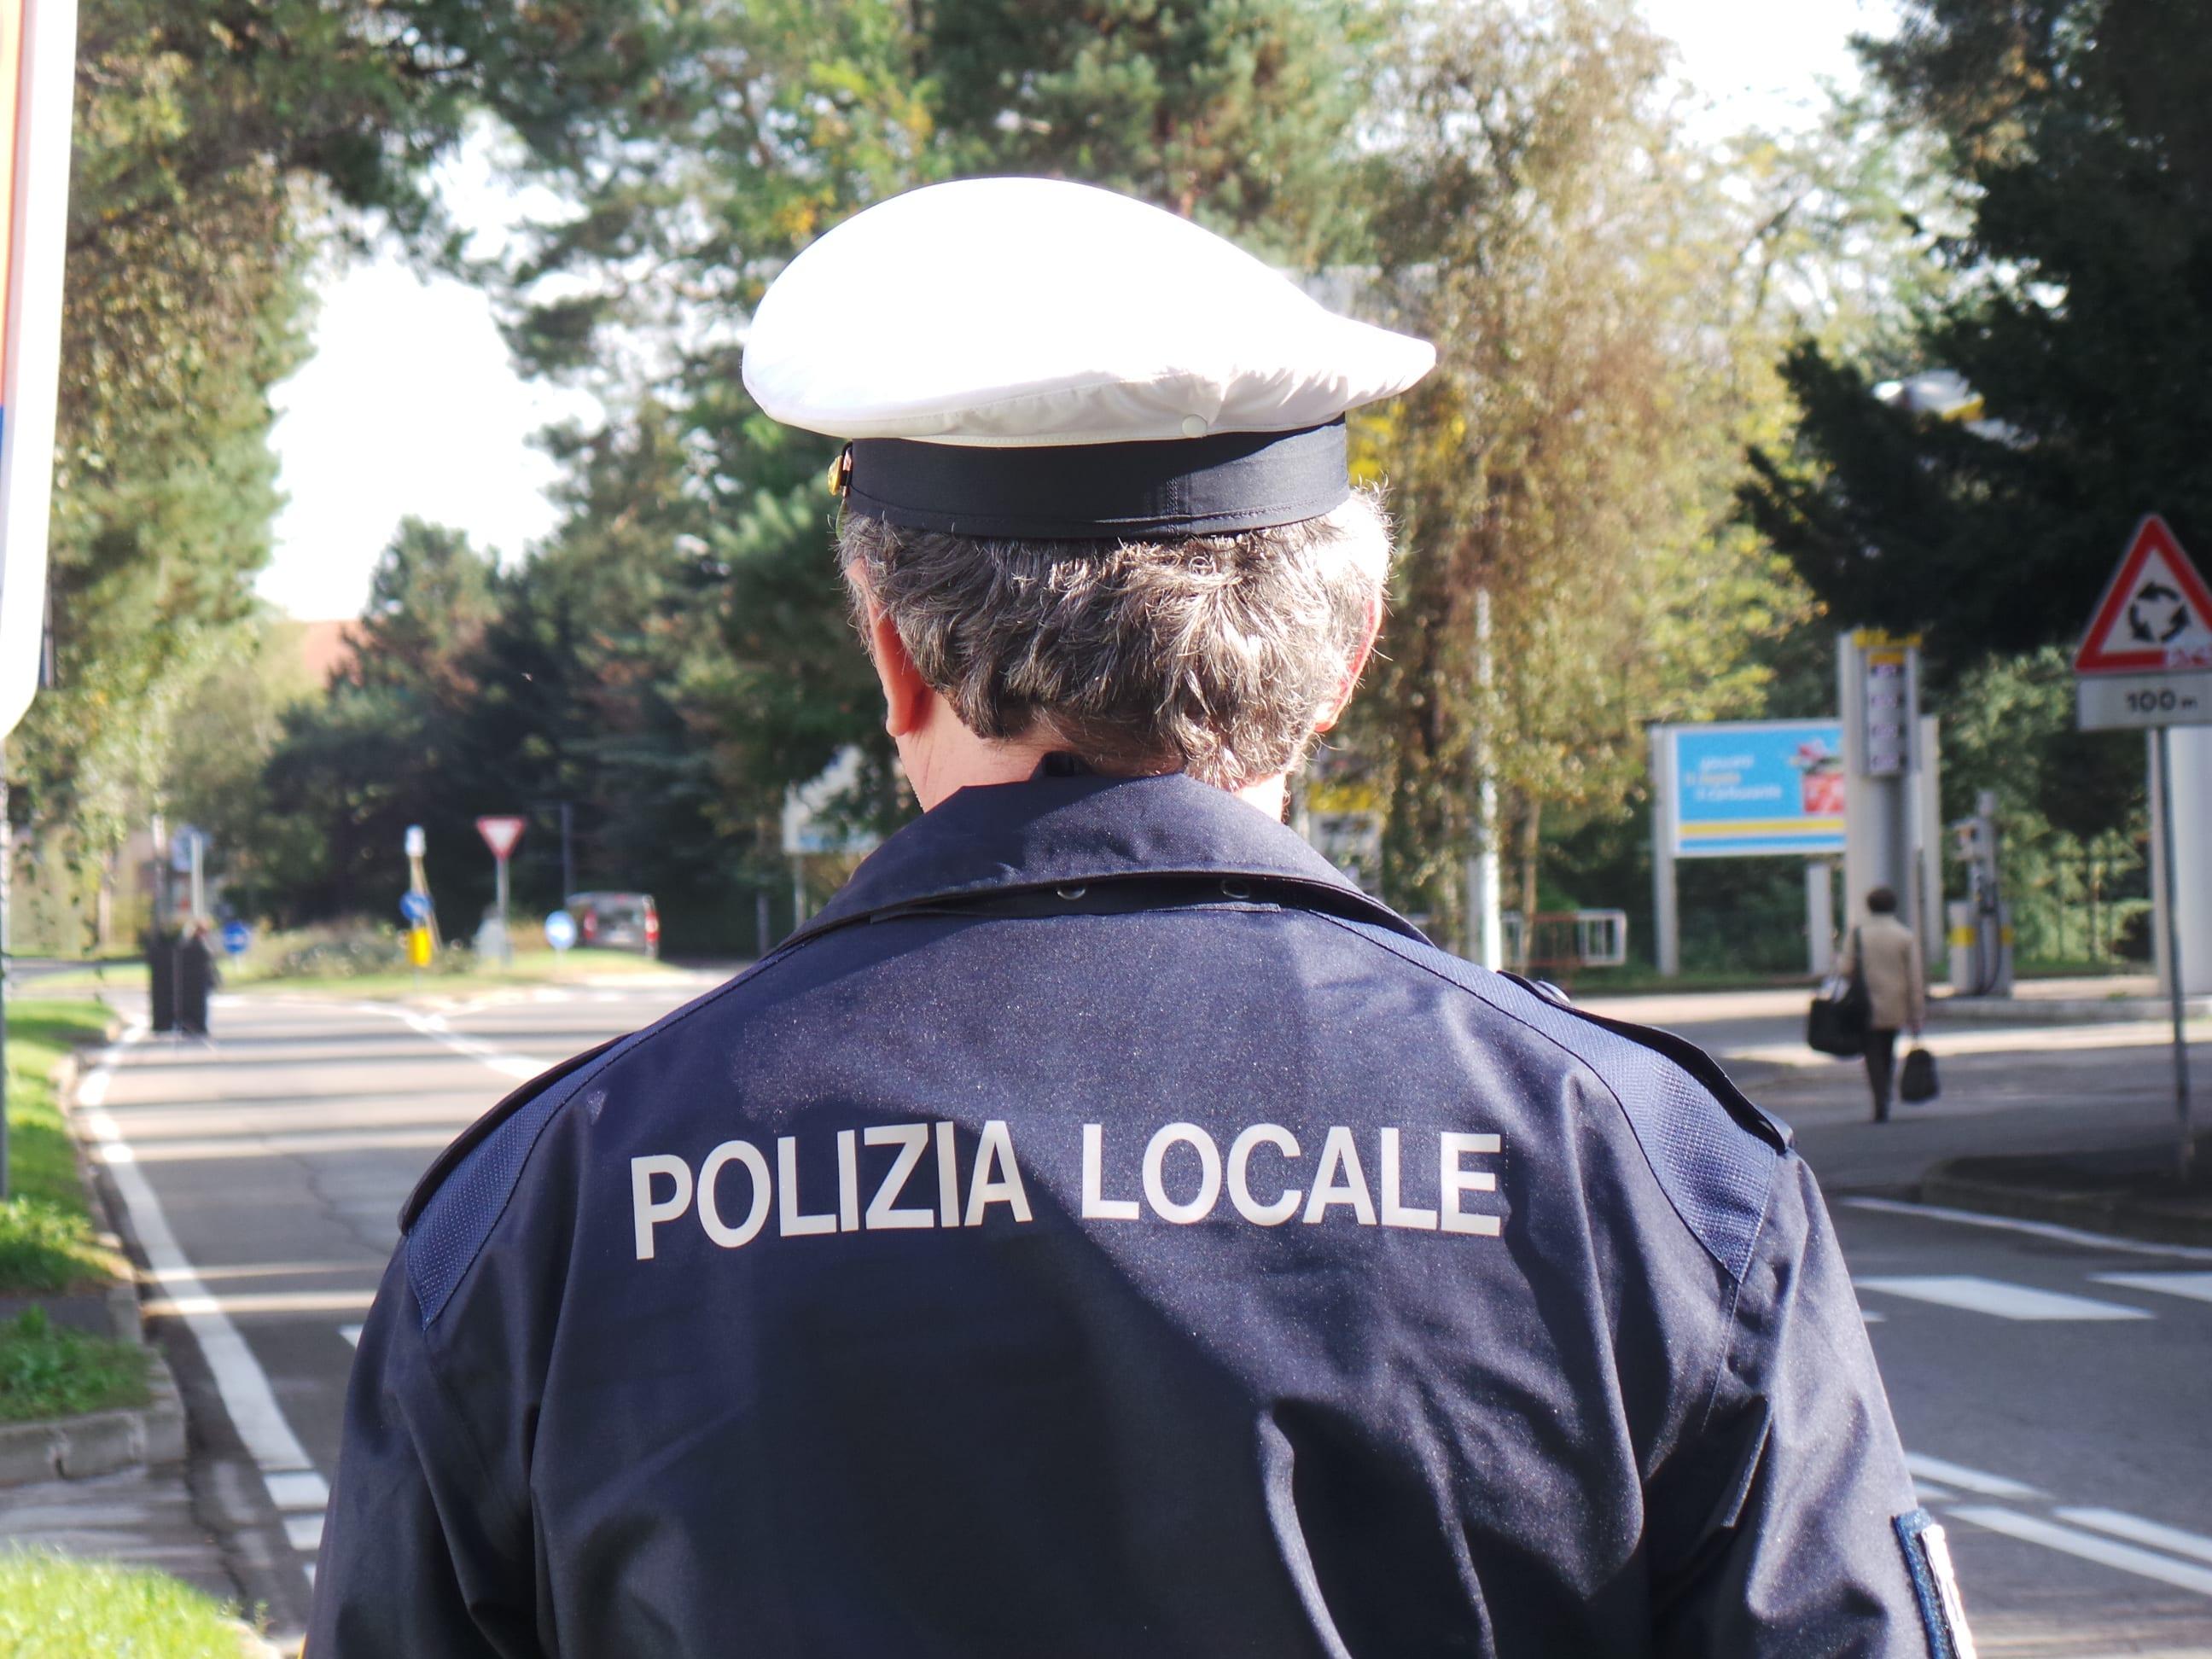 polizia locale giorno pattuglia viale prealpi controlli (2)